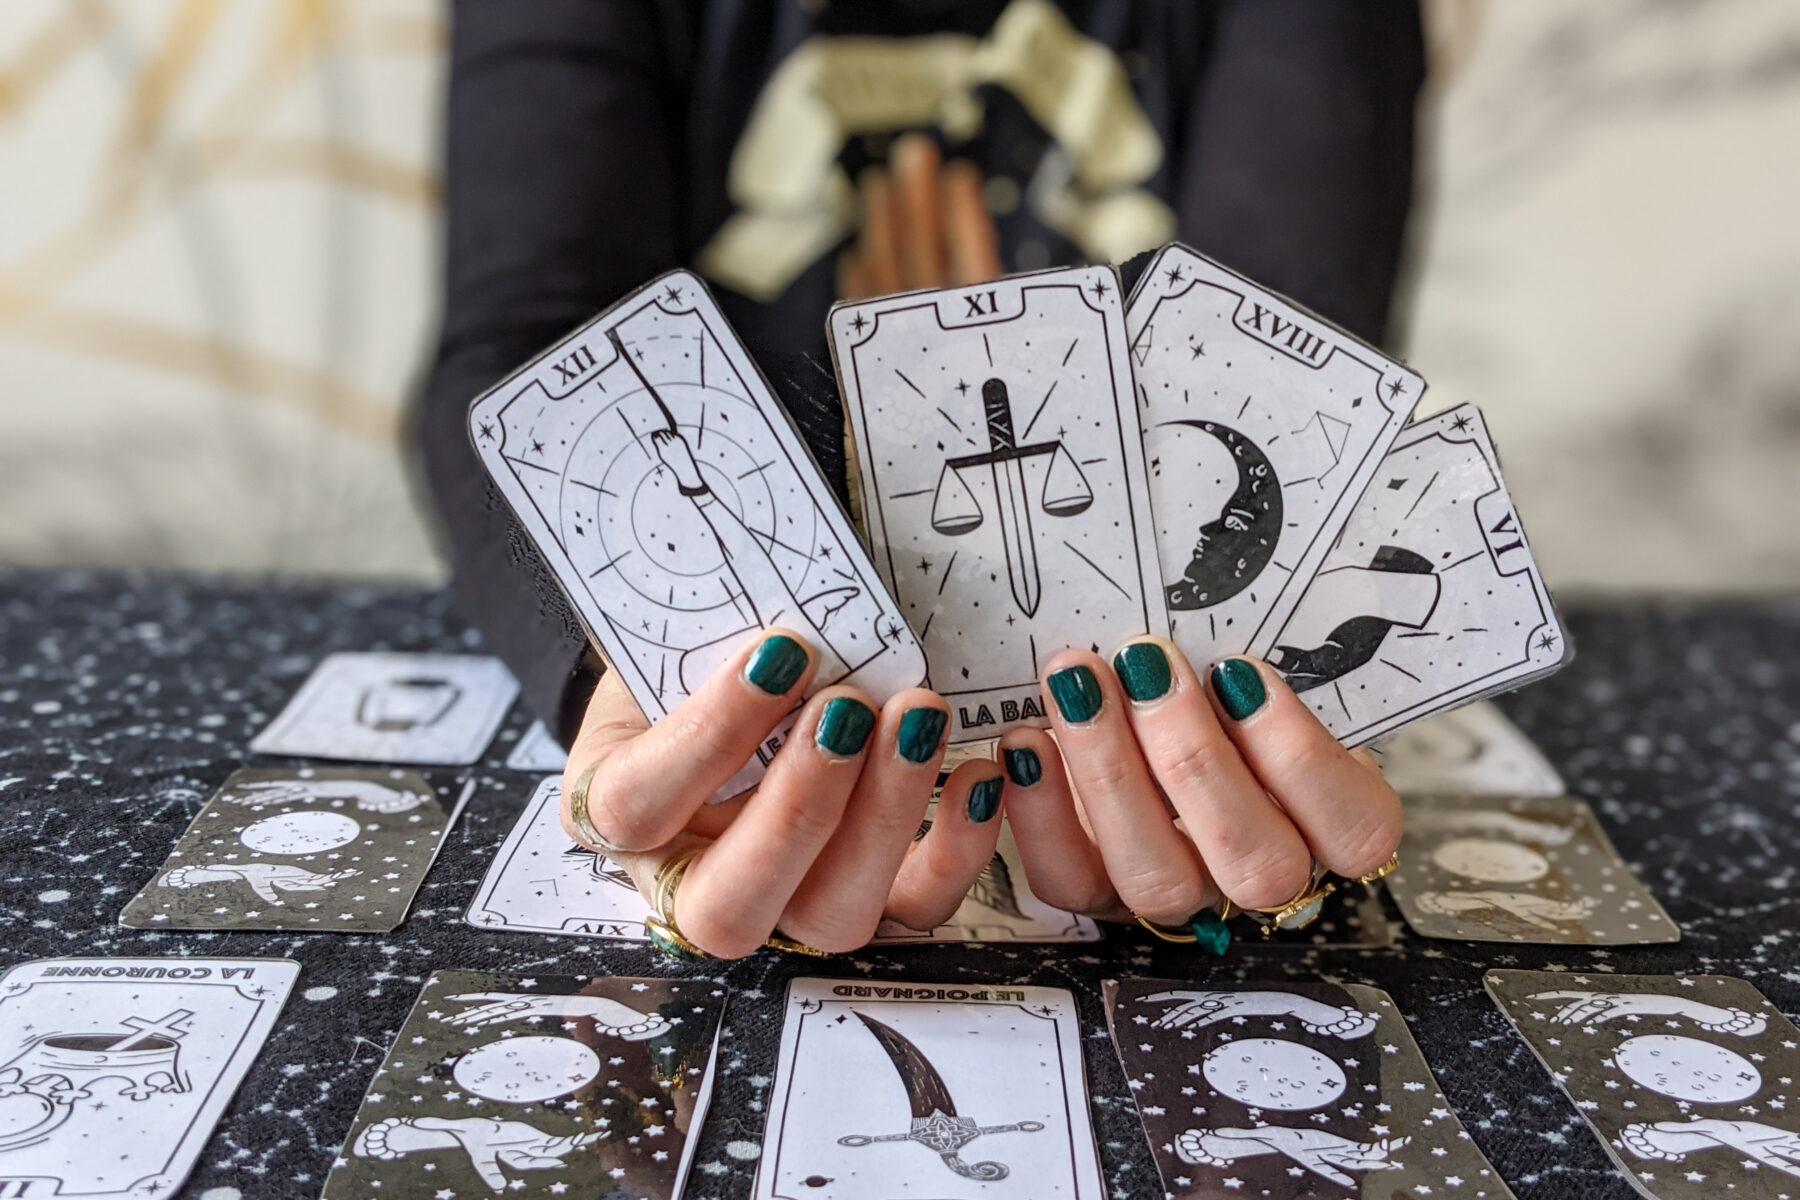 jeu de tarot à découper la bande à baudelaire divination conjugaison cartomancie cours de français